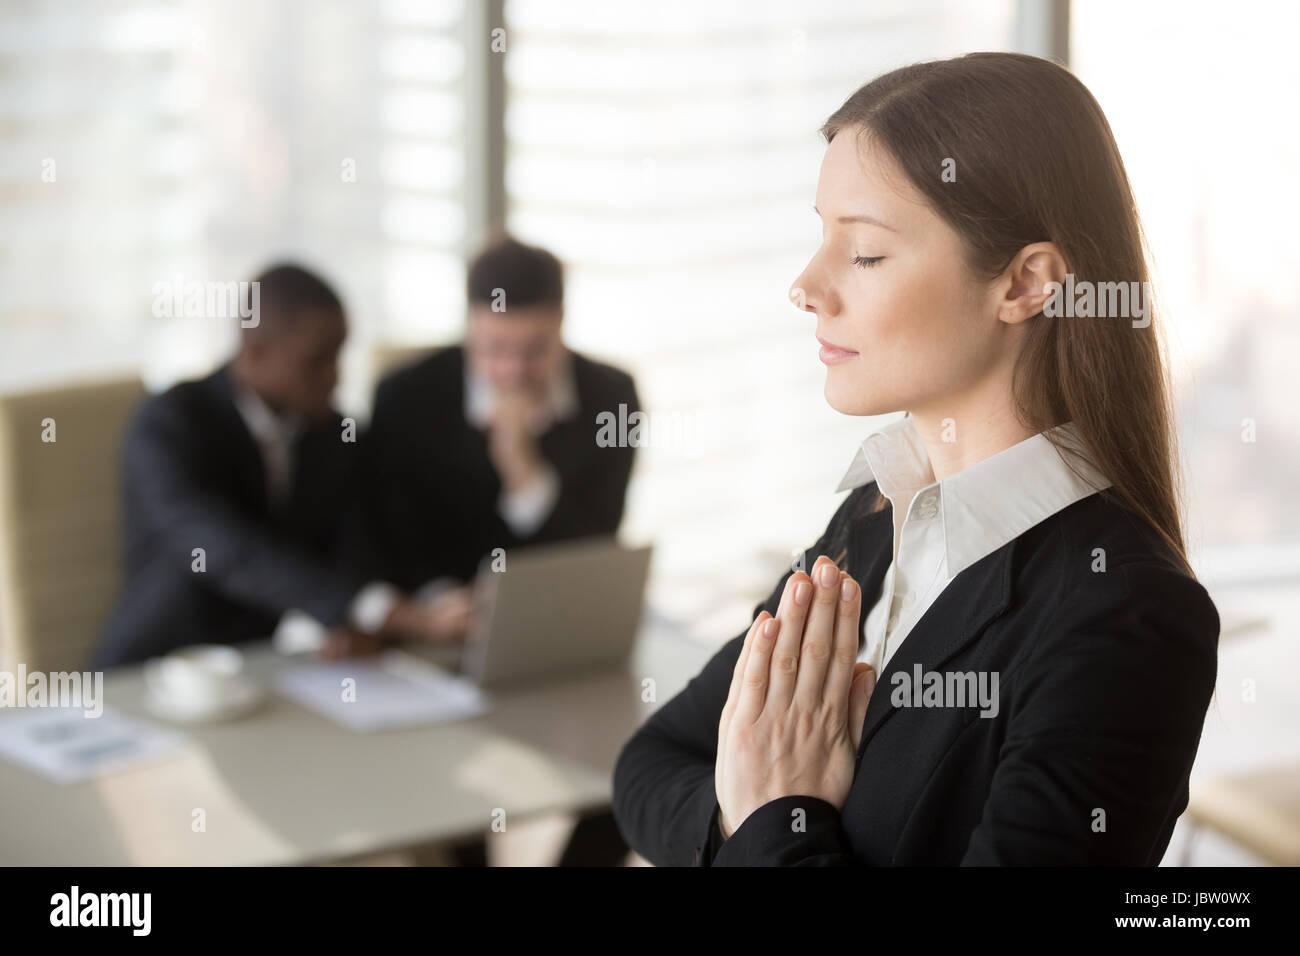 Hermosa joven empresaria goza de meditar en la oficina permanente con los ojos cerrados, poner las manos juntas Imagen De Stock